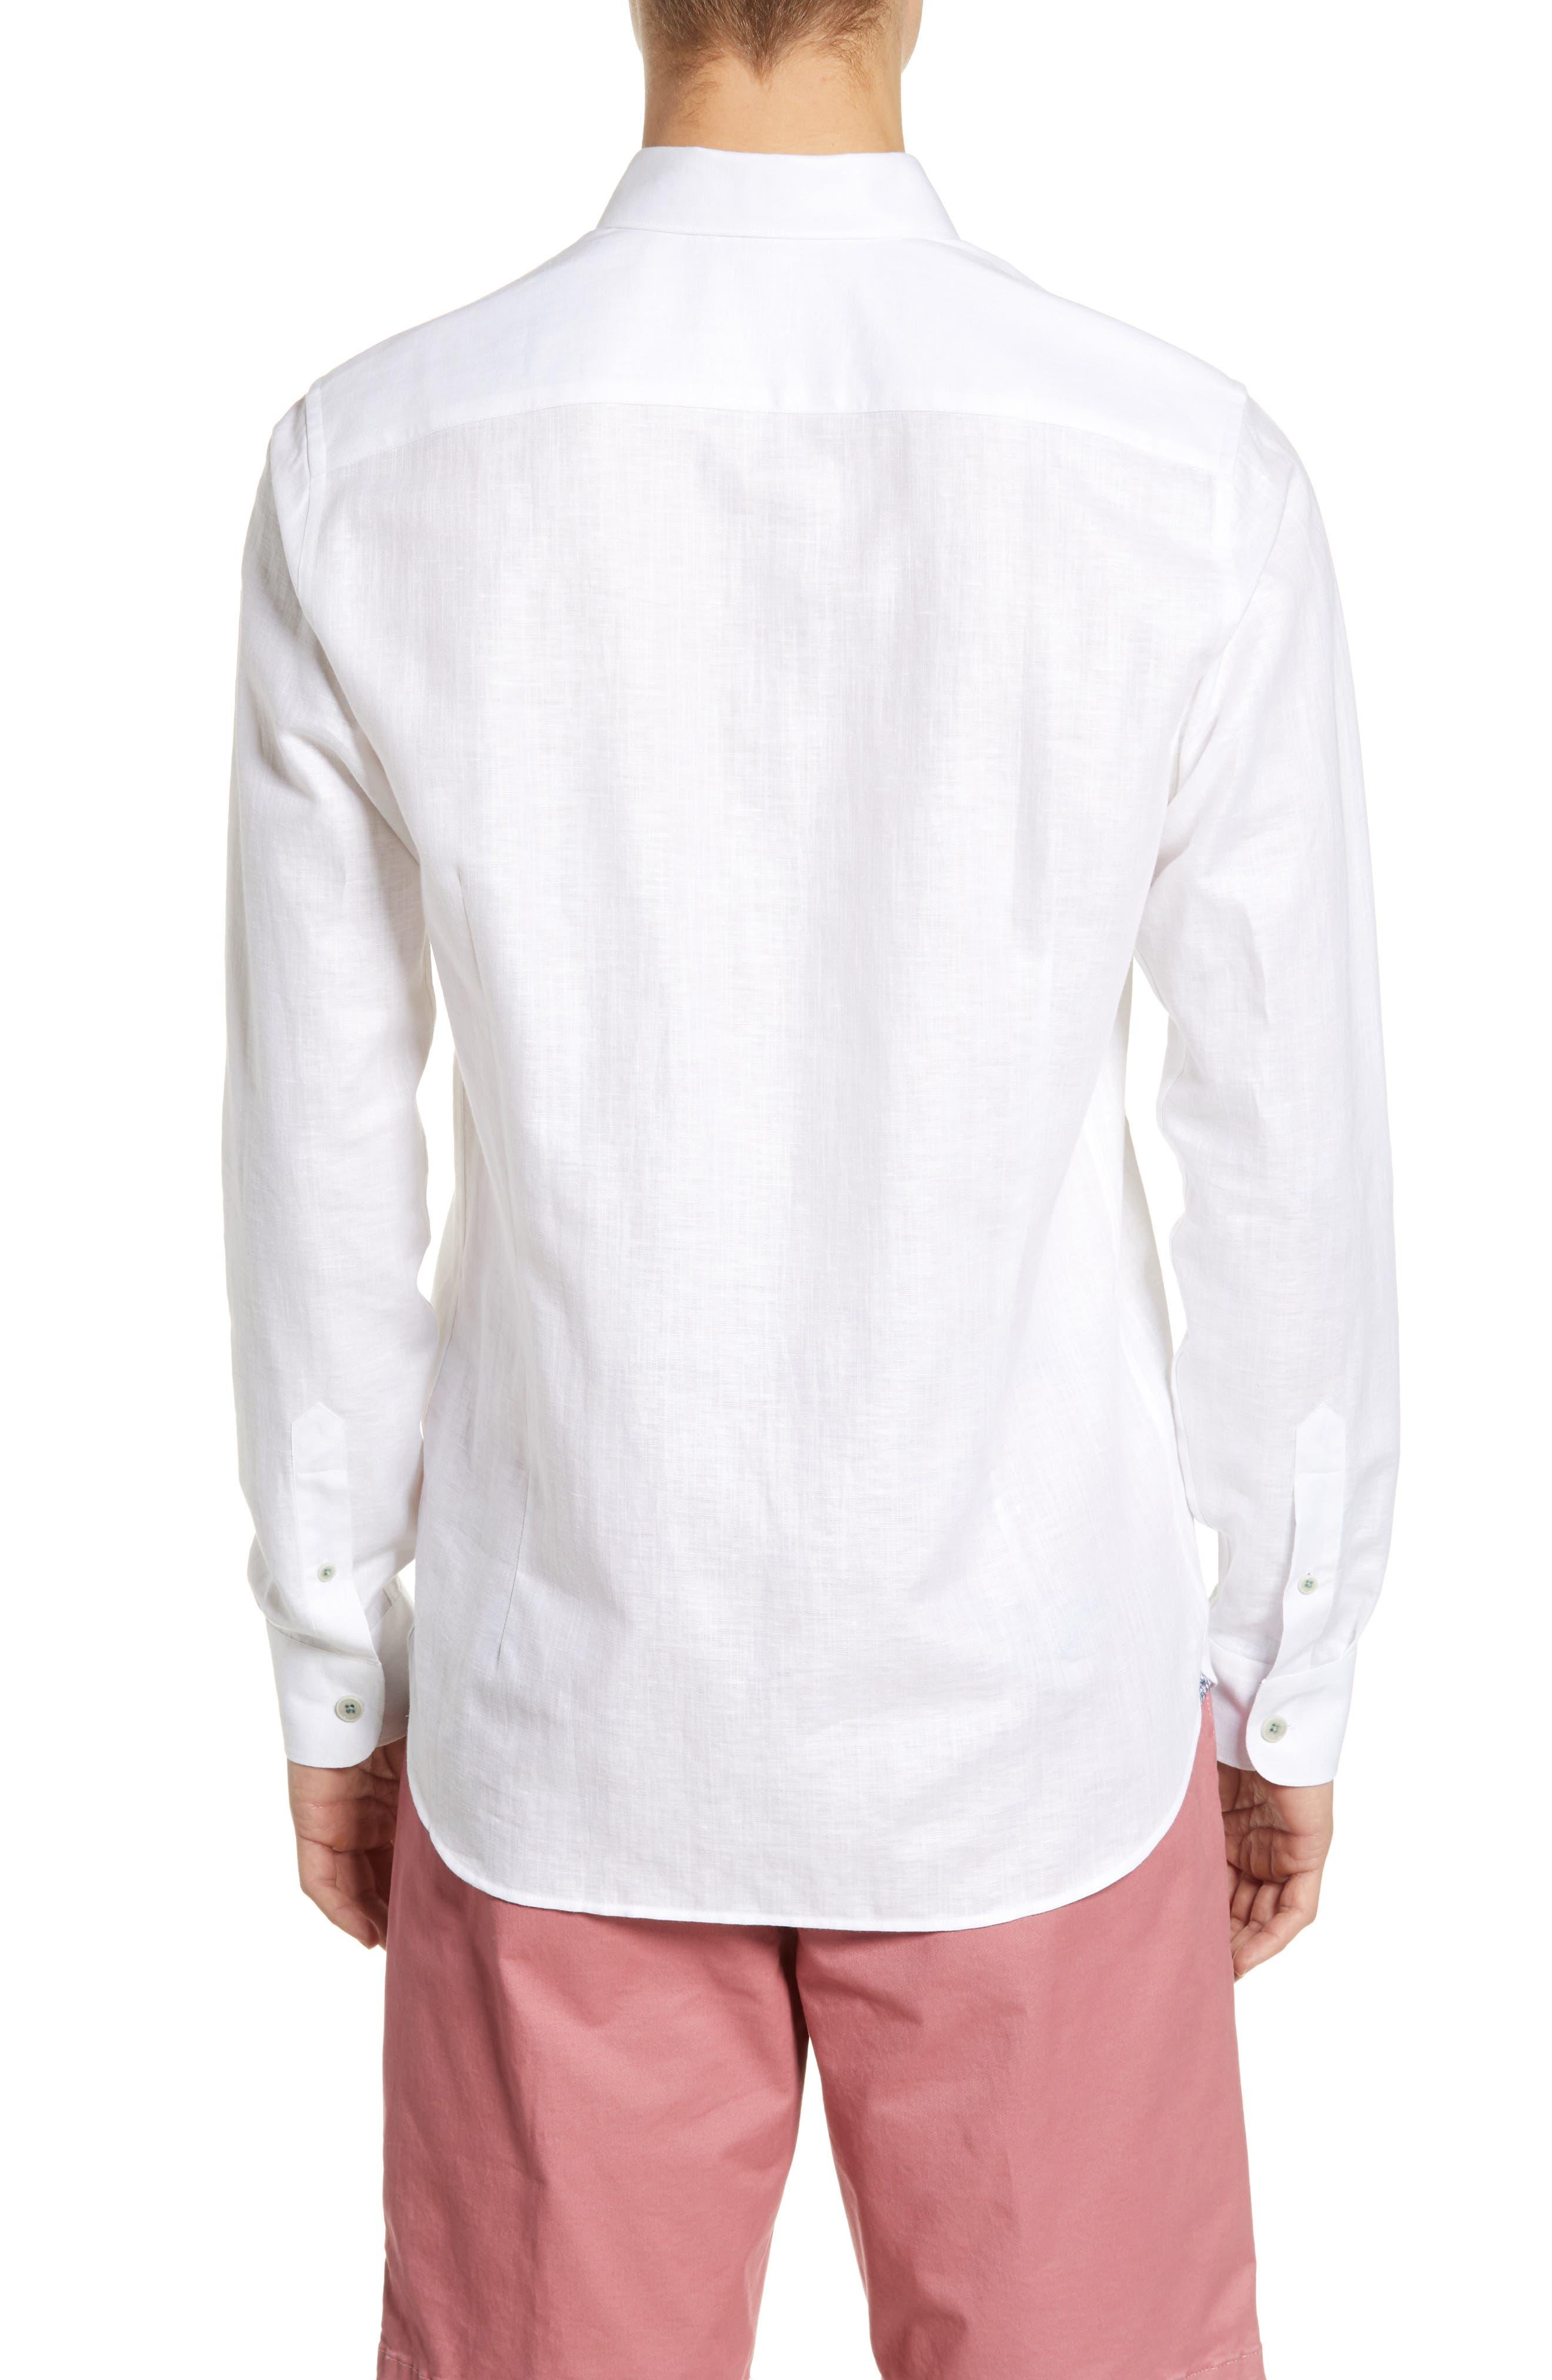 TED BAKER LONDON, Emuu Slim Fit Linen Shirt, Alternate thumbnail 2, color, WHITE